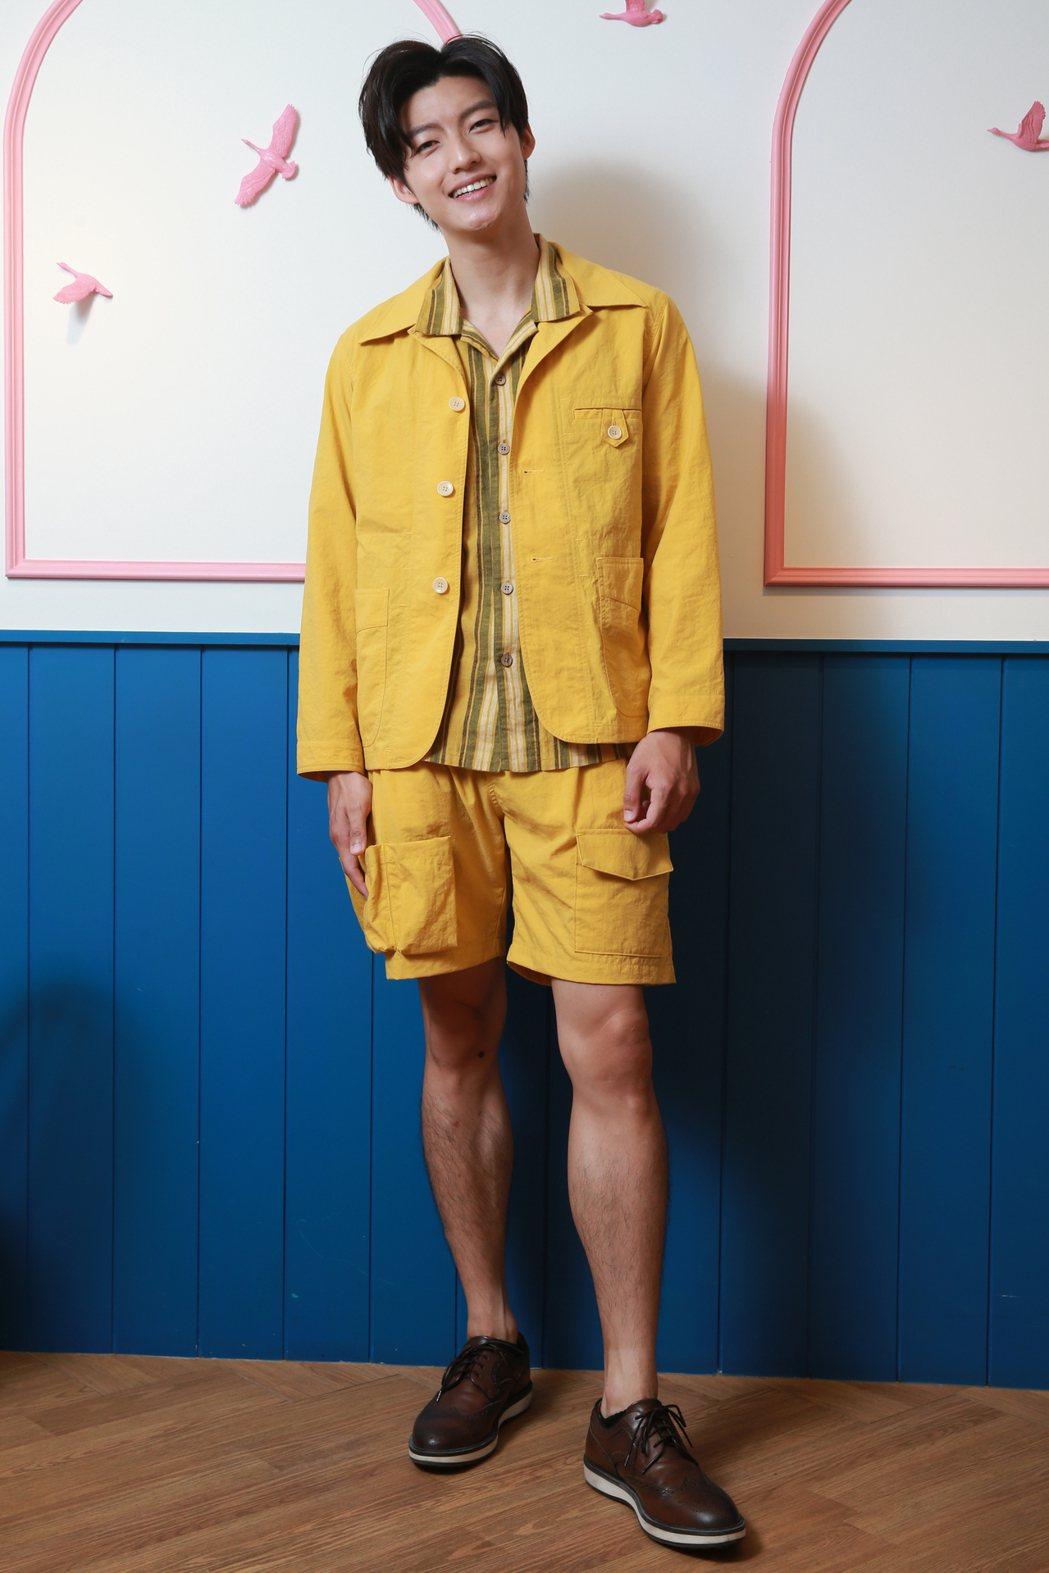 劉育仁高挑身材標準衣架子。記者許正宏/攝影